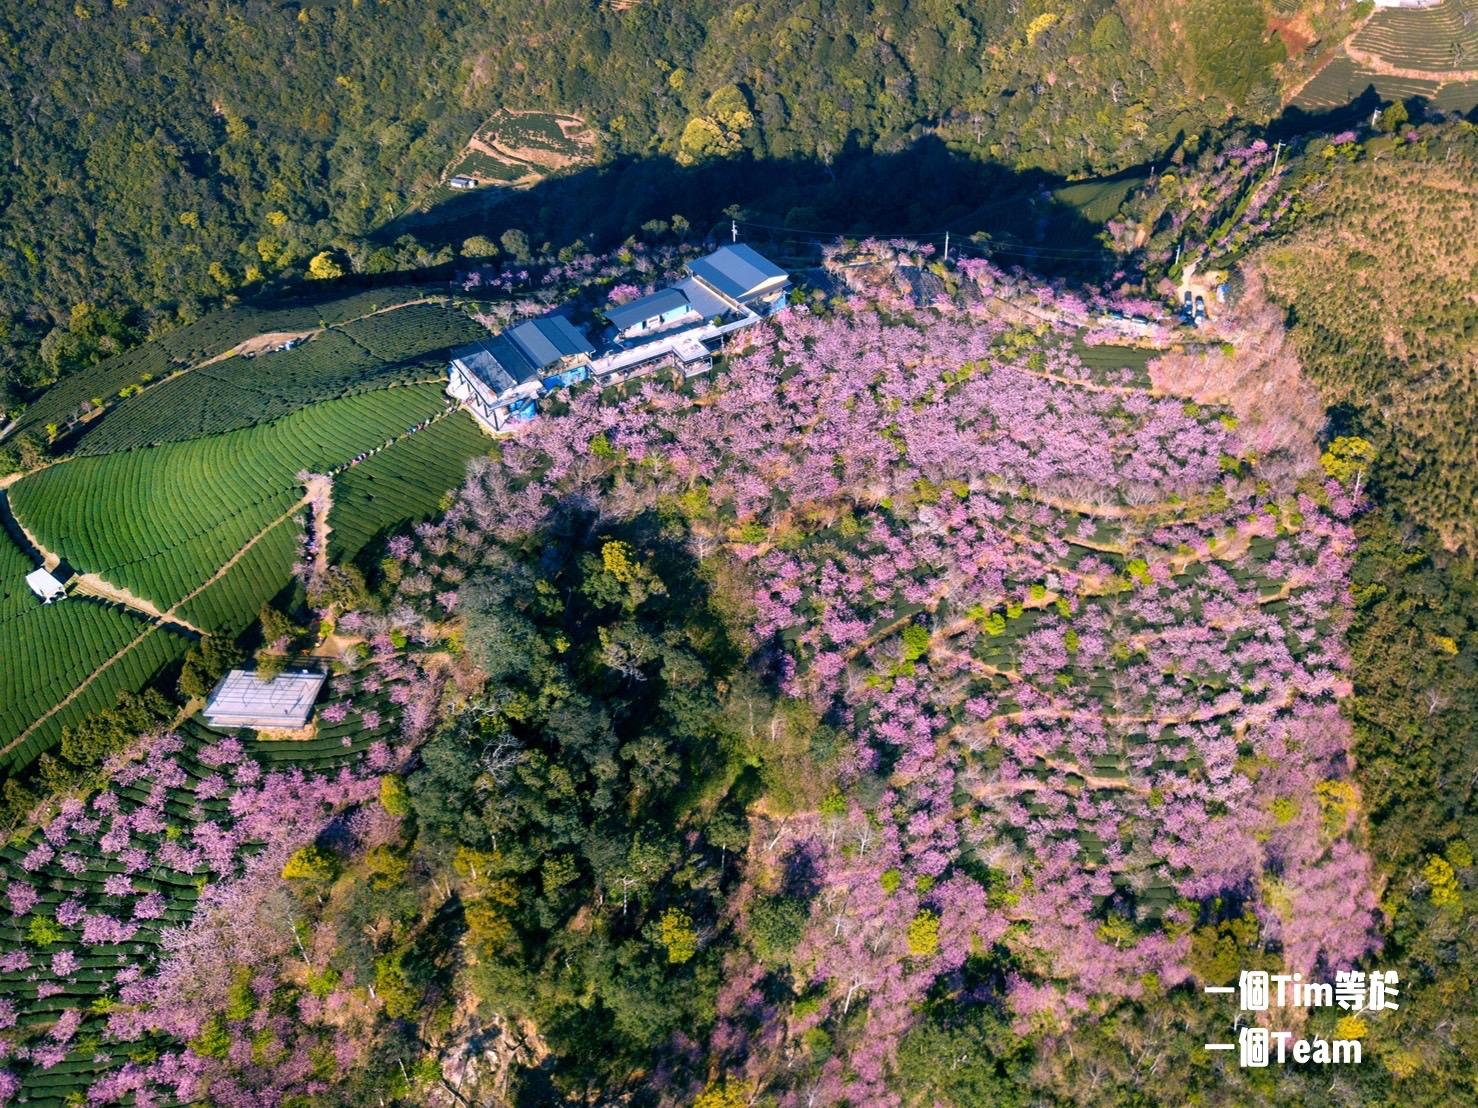 台灣.南投|半座山頭被櫻花覆蓋 武界賞櫻秘境還有雲瀑相伴